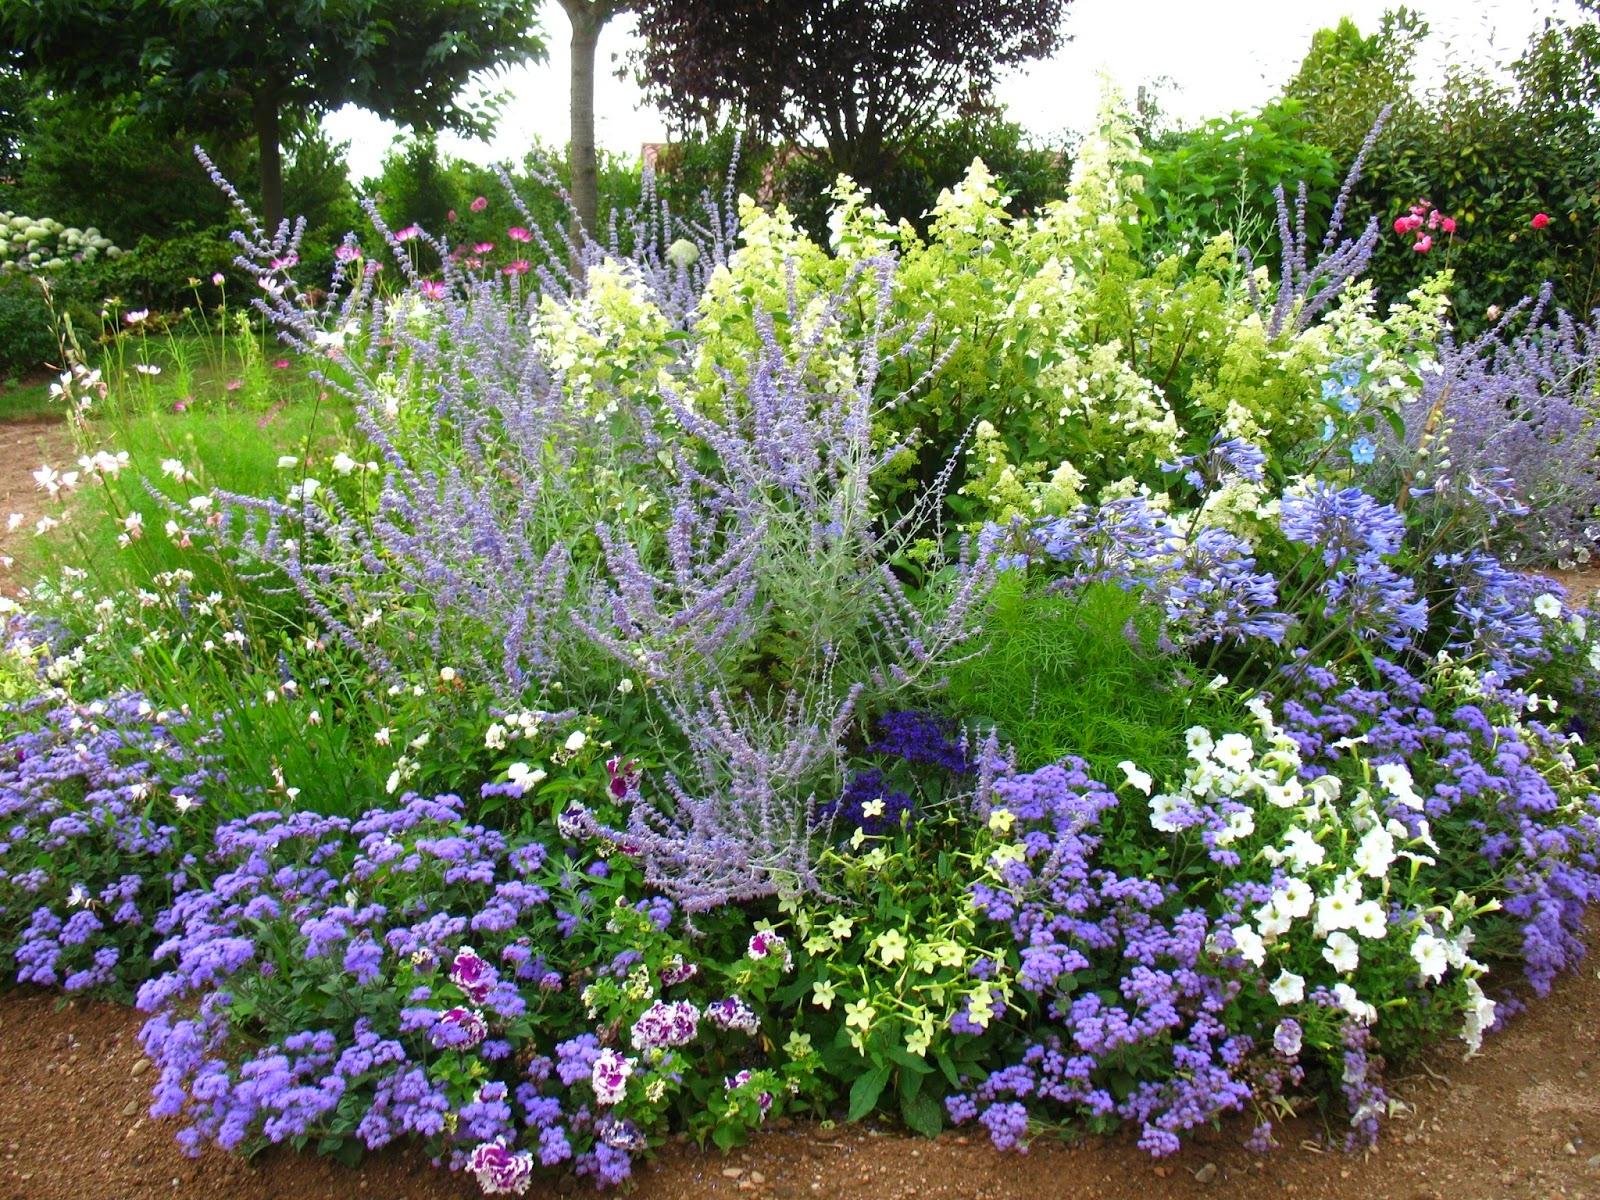 Avoir Un Jardin Fleuri Toute L'année (Sans Connaissance) destiné Modèle De Jardin Fleuri